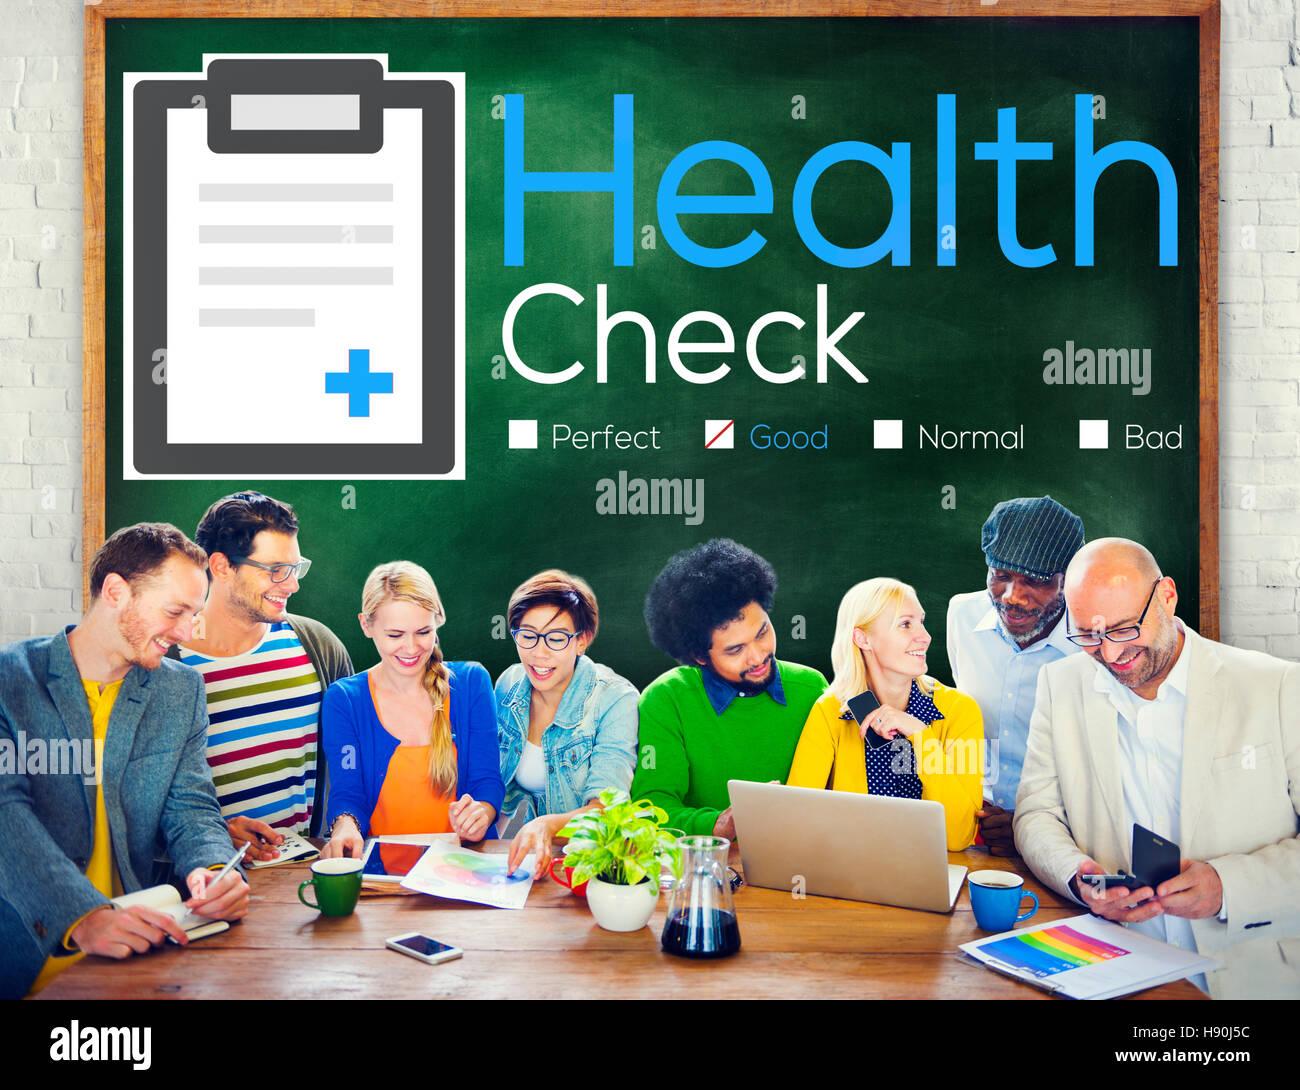 Health Check Diagnosis Medical Condition Analysis Concept Stock Photo